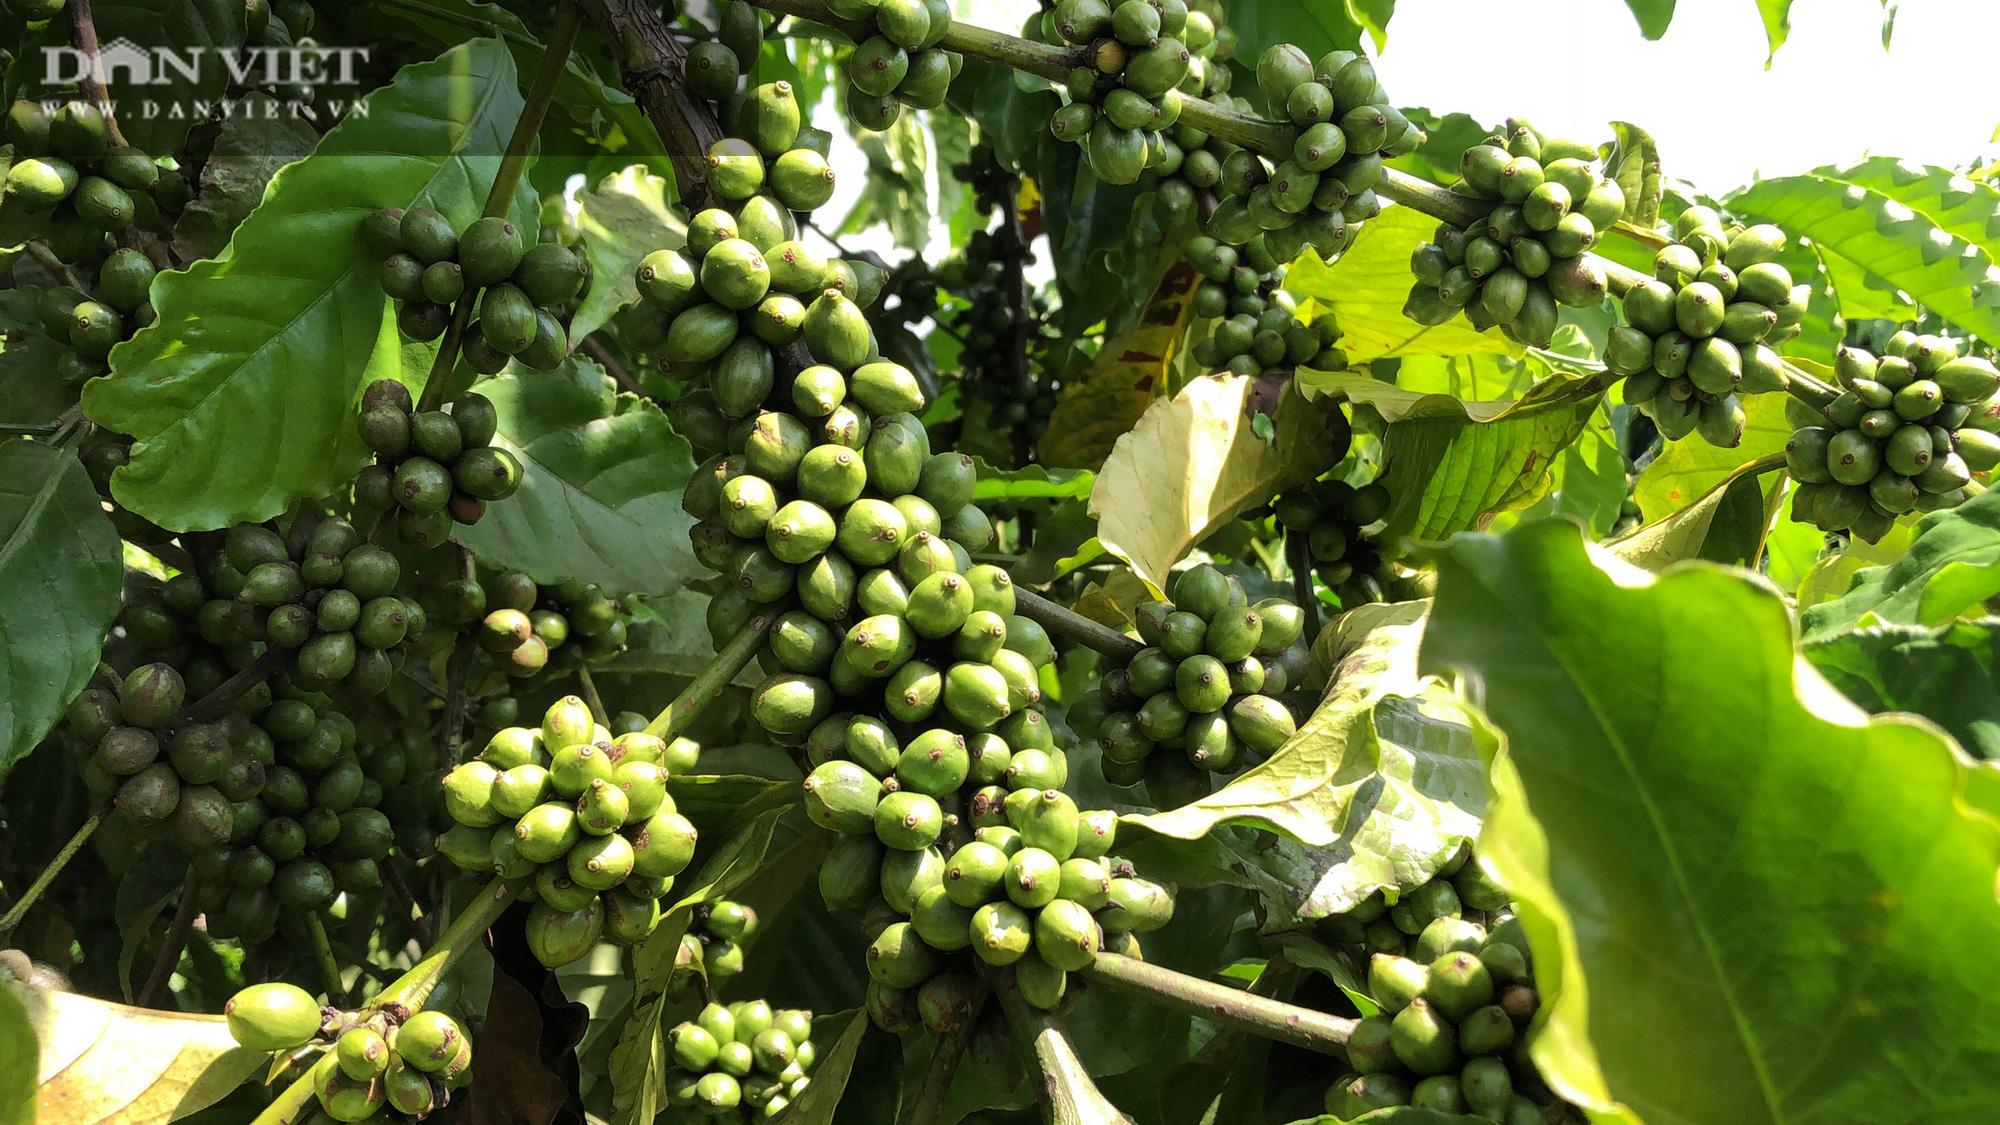 Người phụ nữ chân đất thu hơn 2 tỷ/năm với 5ha cà phê sạch - Ảnh 3.